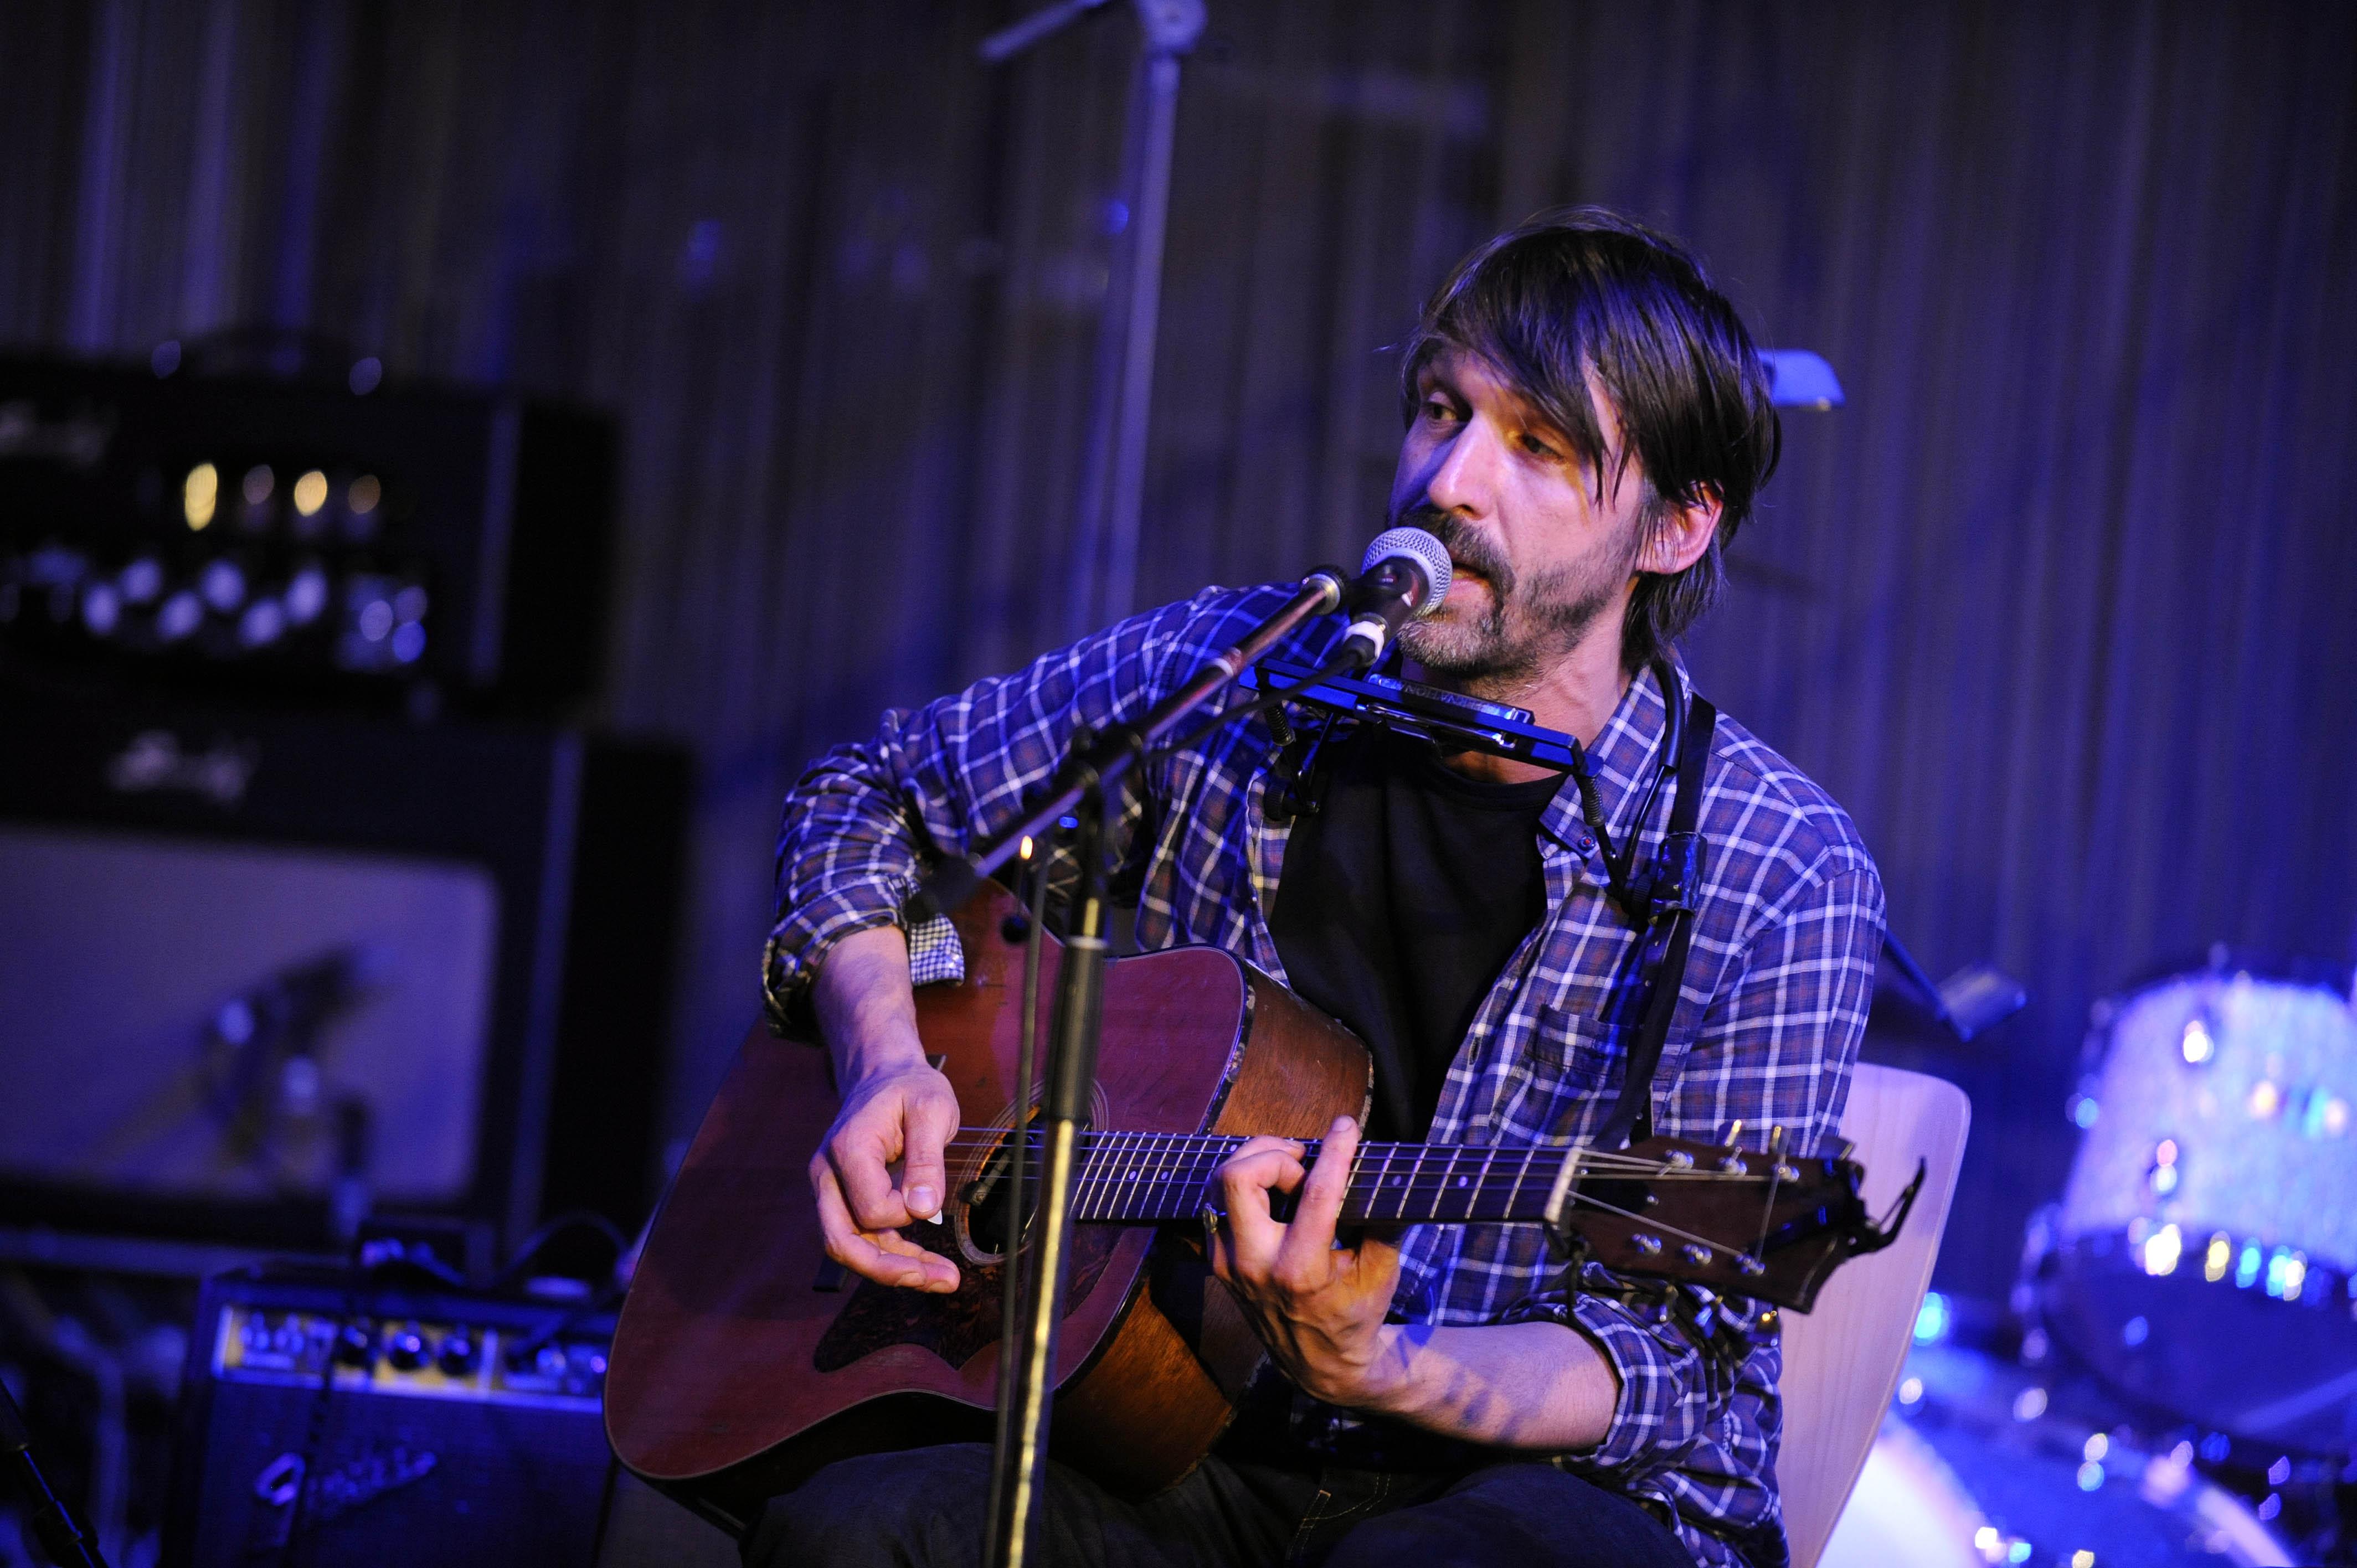 Nils Koppruch - der deutsche Musiker und Songwriter bei einem Konzert im Stage Club in Hamburg am 17.10.2010